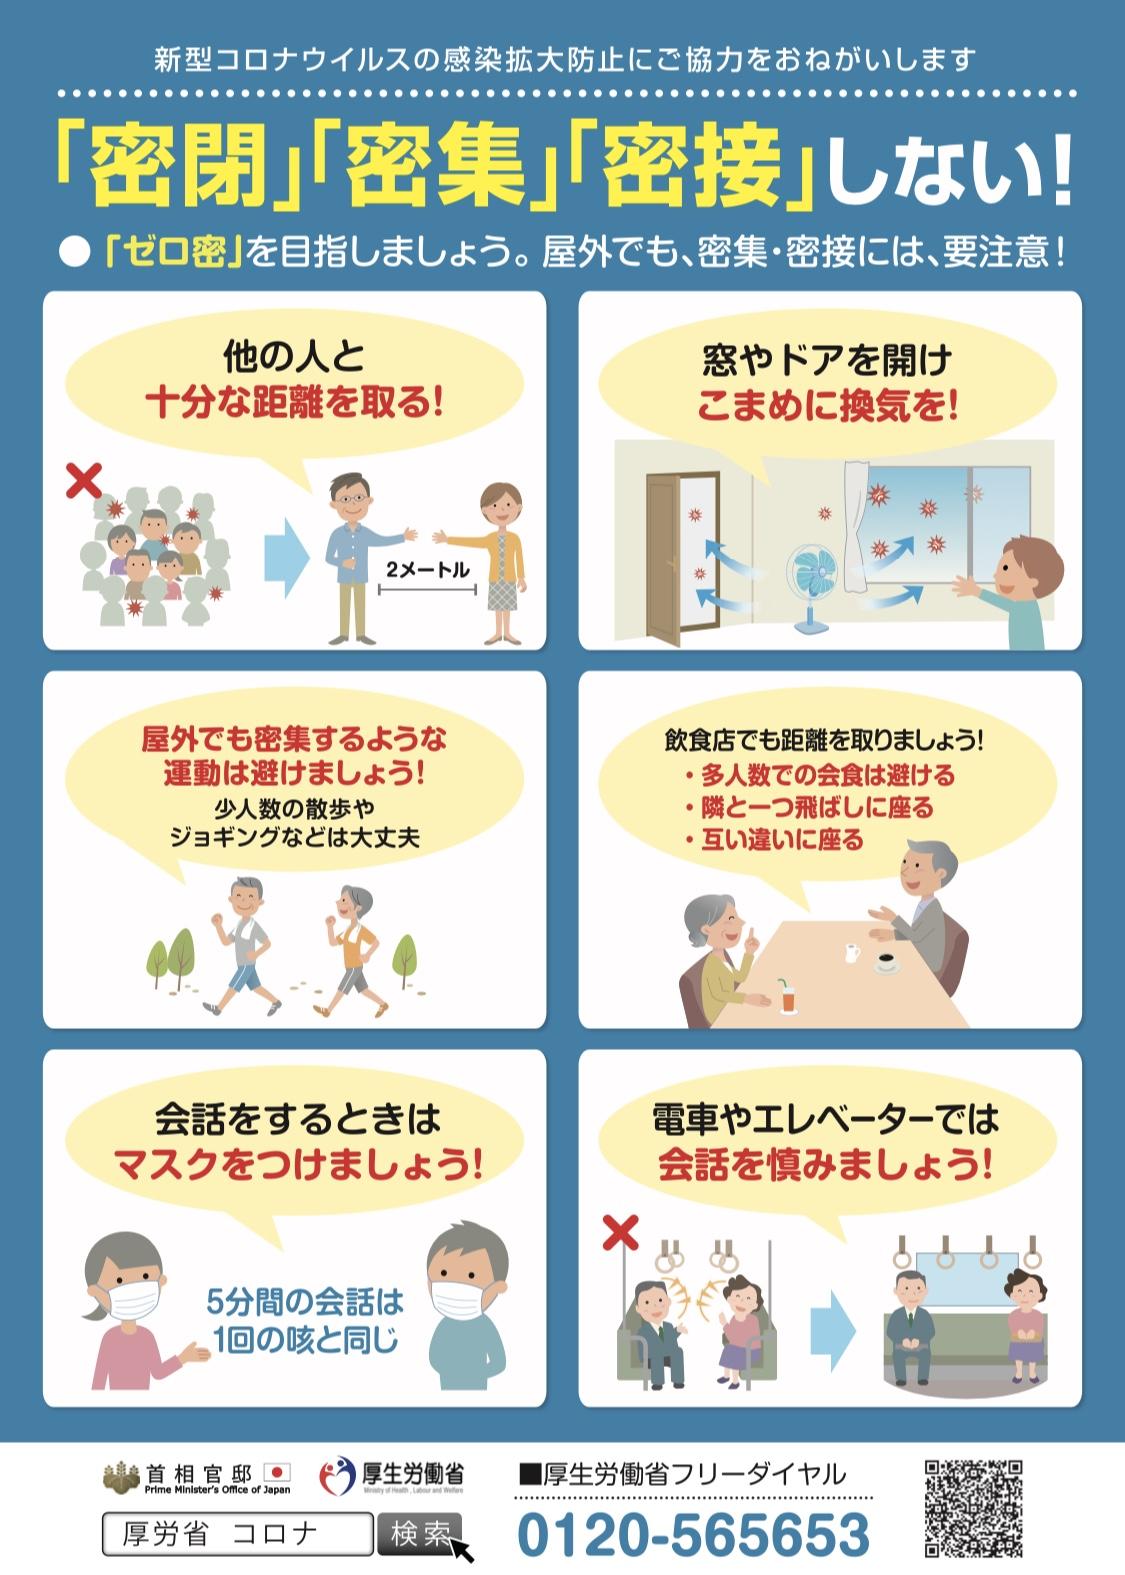 無償で利用できる新型コロナウイルス対策のチラシ